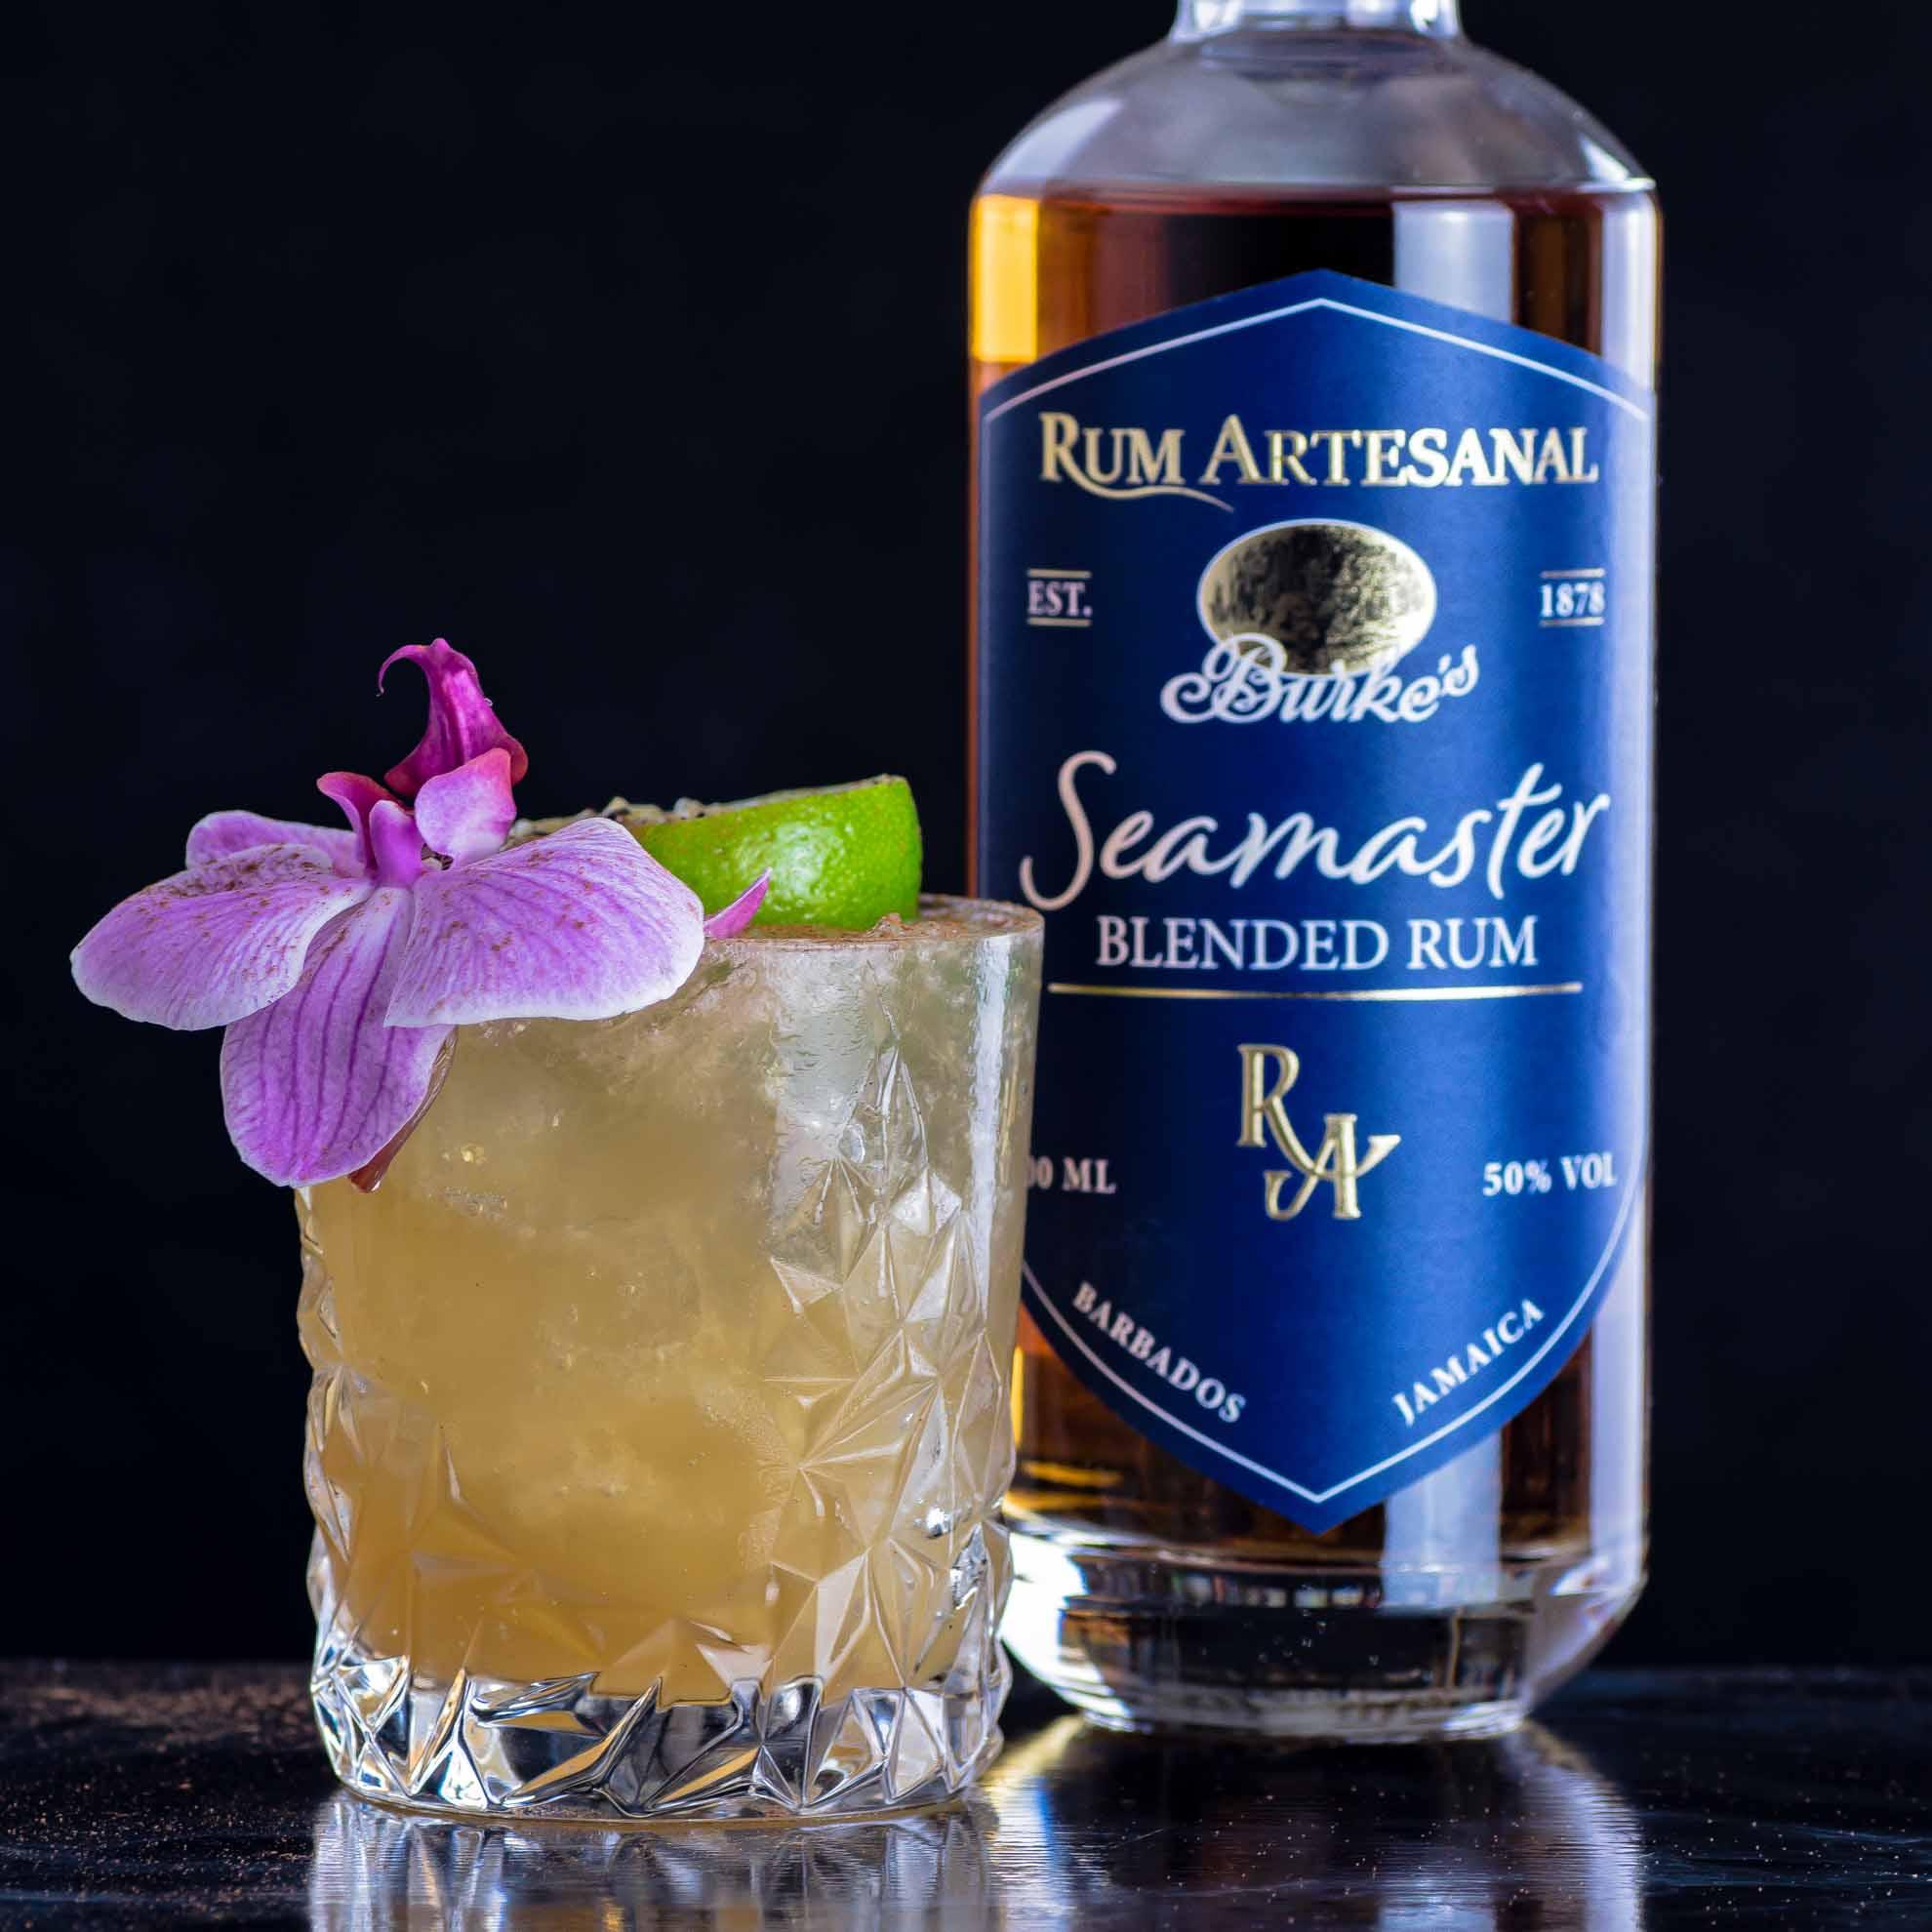 Rum Artesanal Burke's Seamaster Blended Rum im Devil's Lap Cocktail.